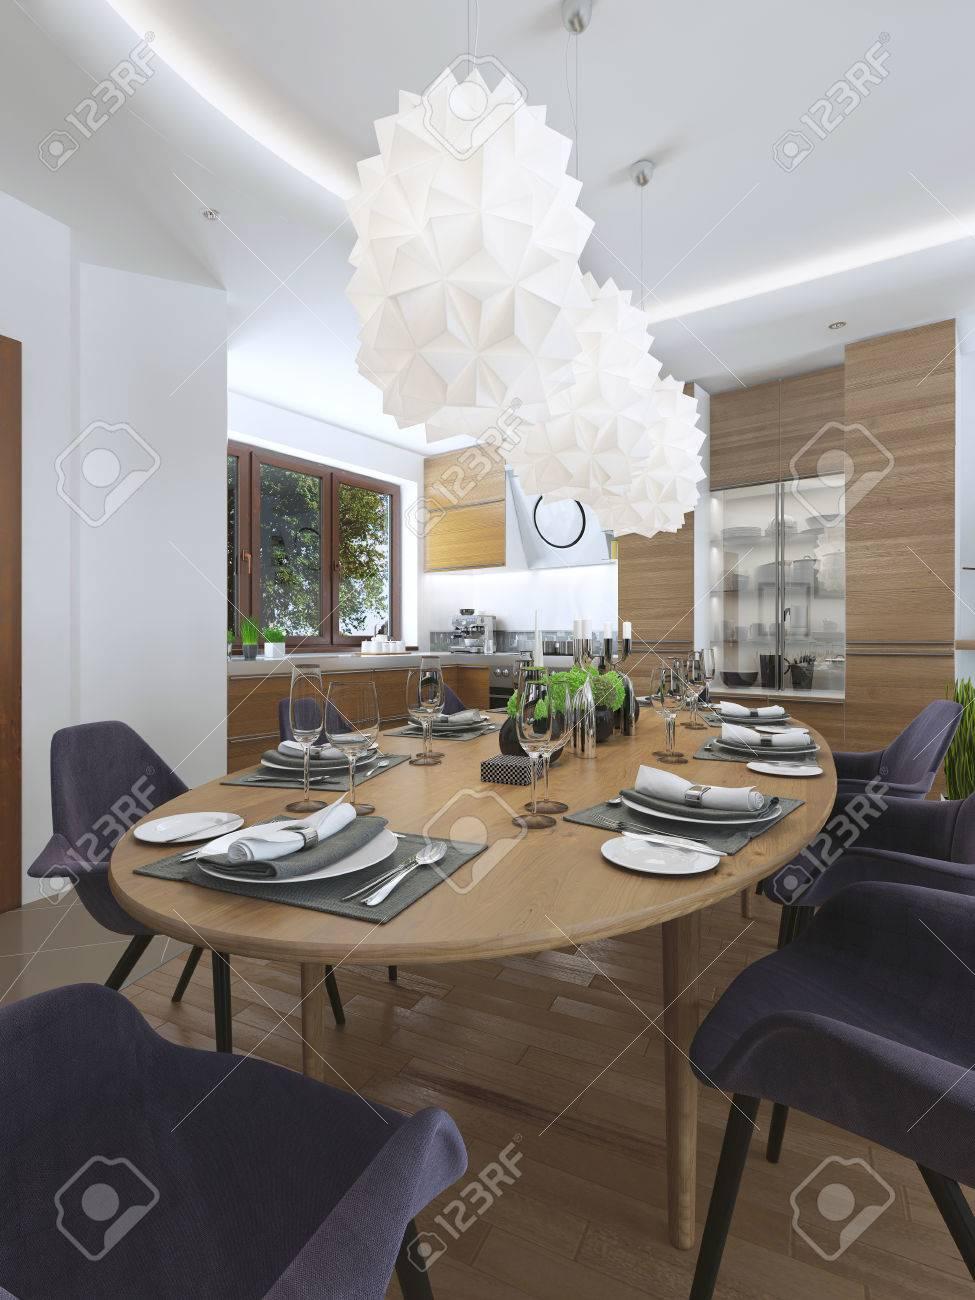 Comedor Cocina De Diseño Con Un Estilo Moderno Con Una Mesa De ...